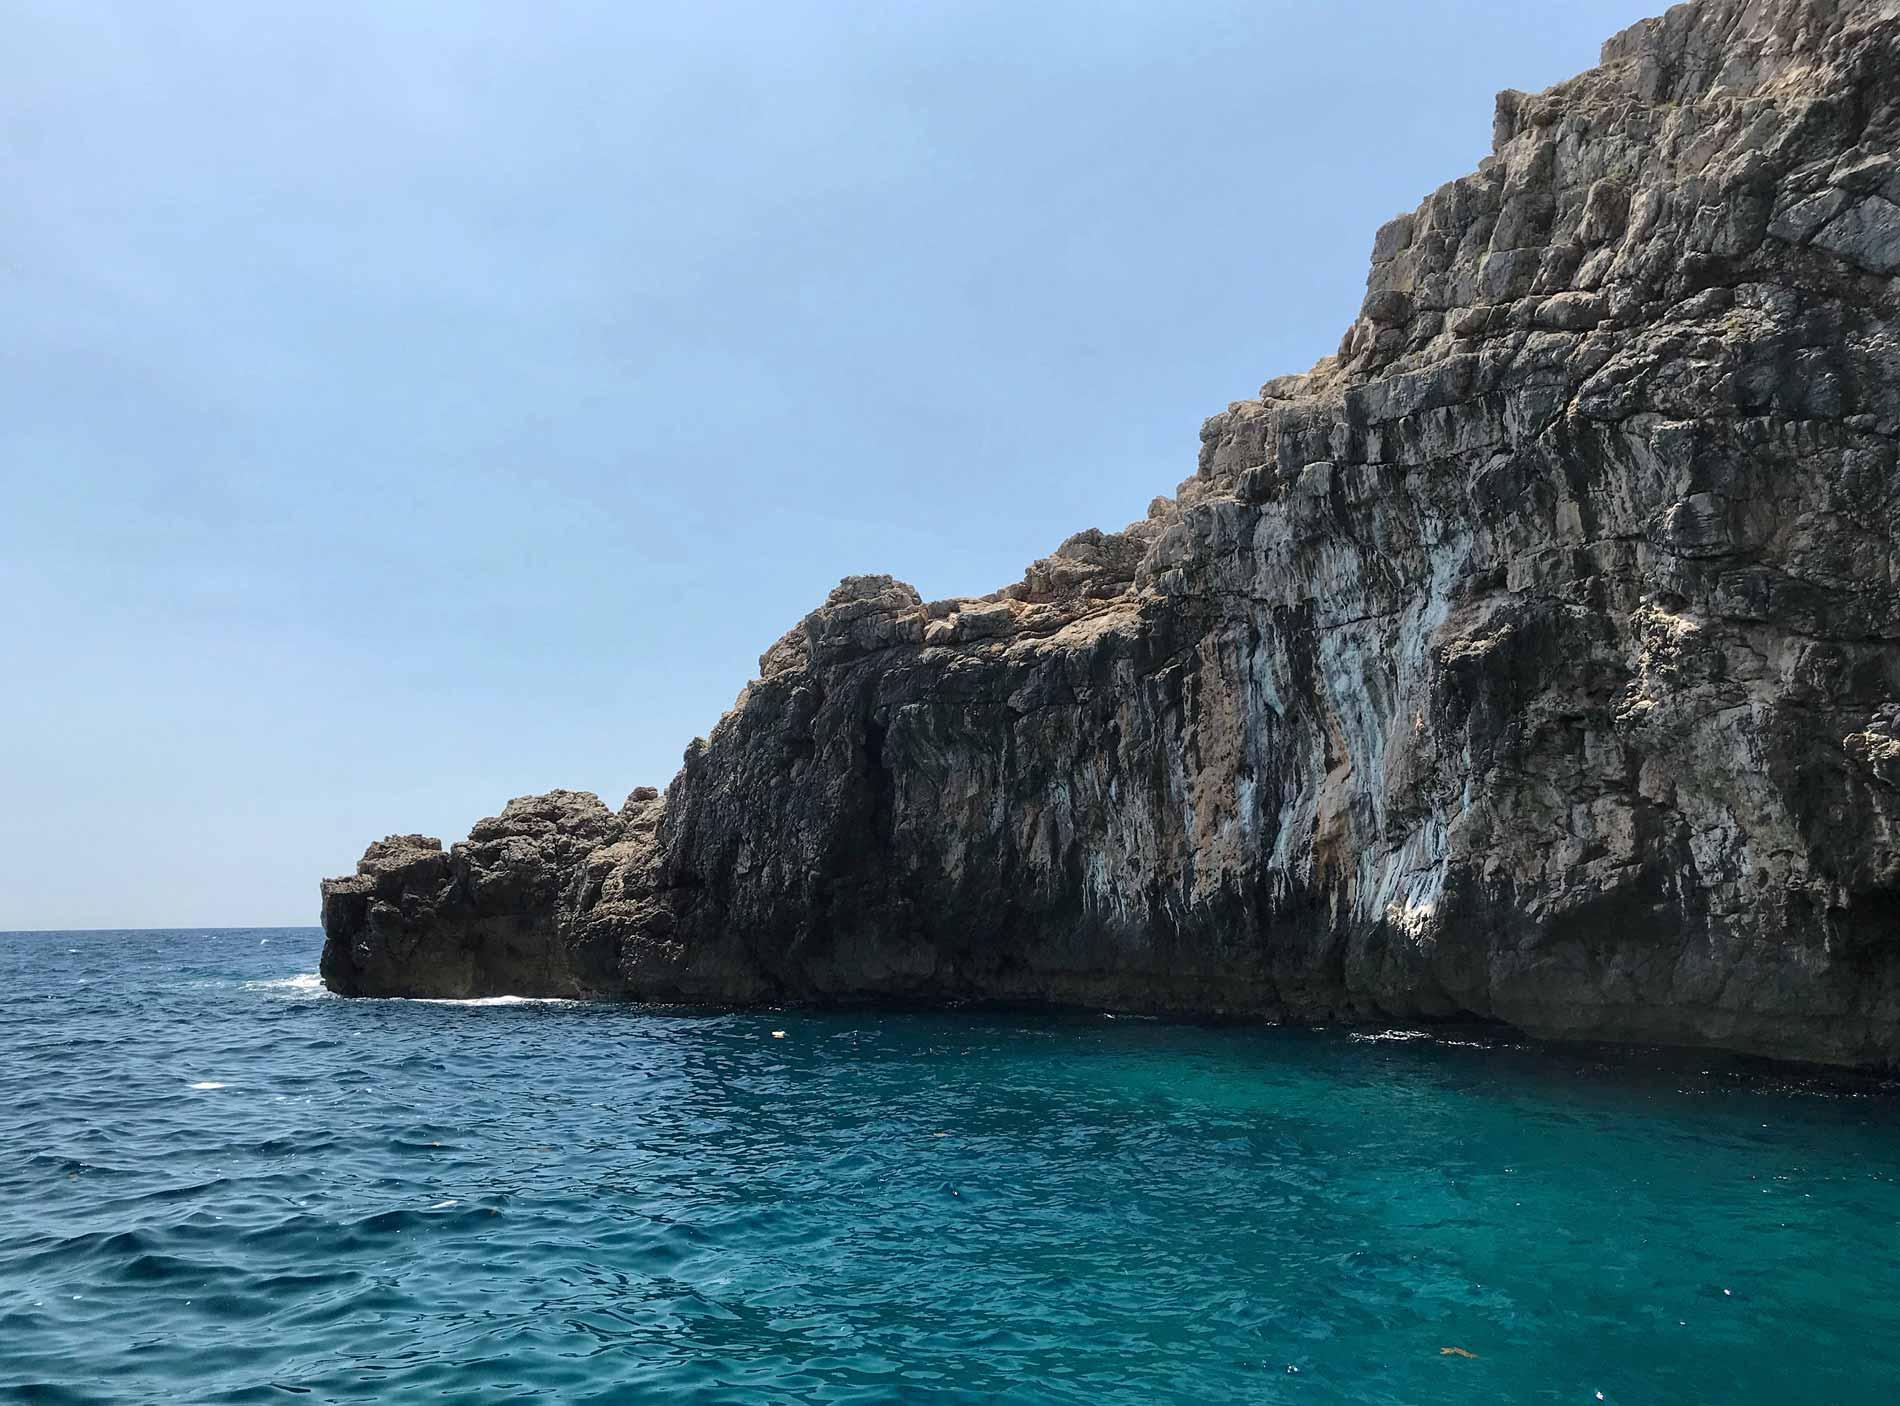 Mar-Adriatico-Bocche-di-Cattaro-Montenegro-roccia-mare-cristallino